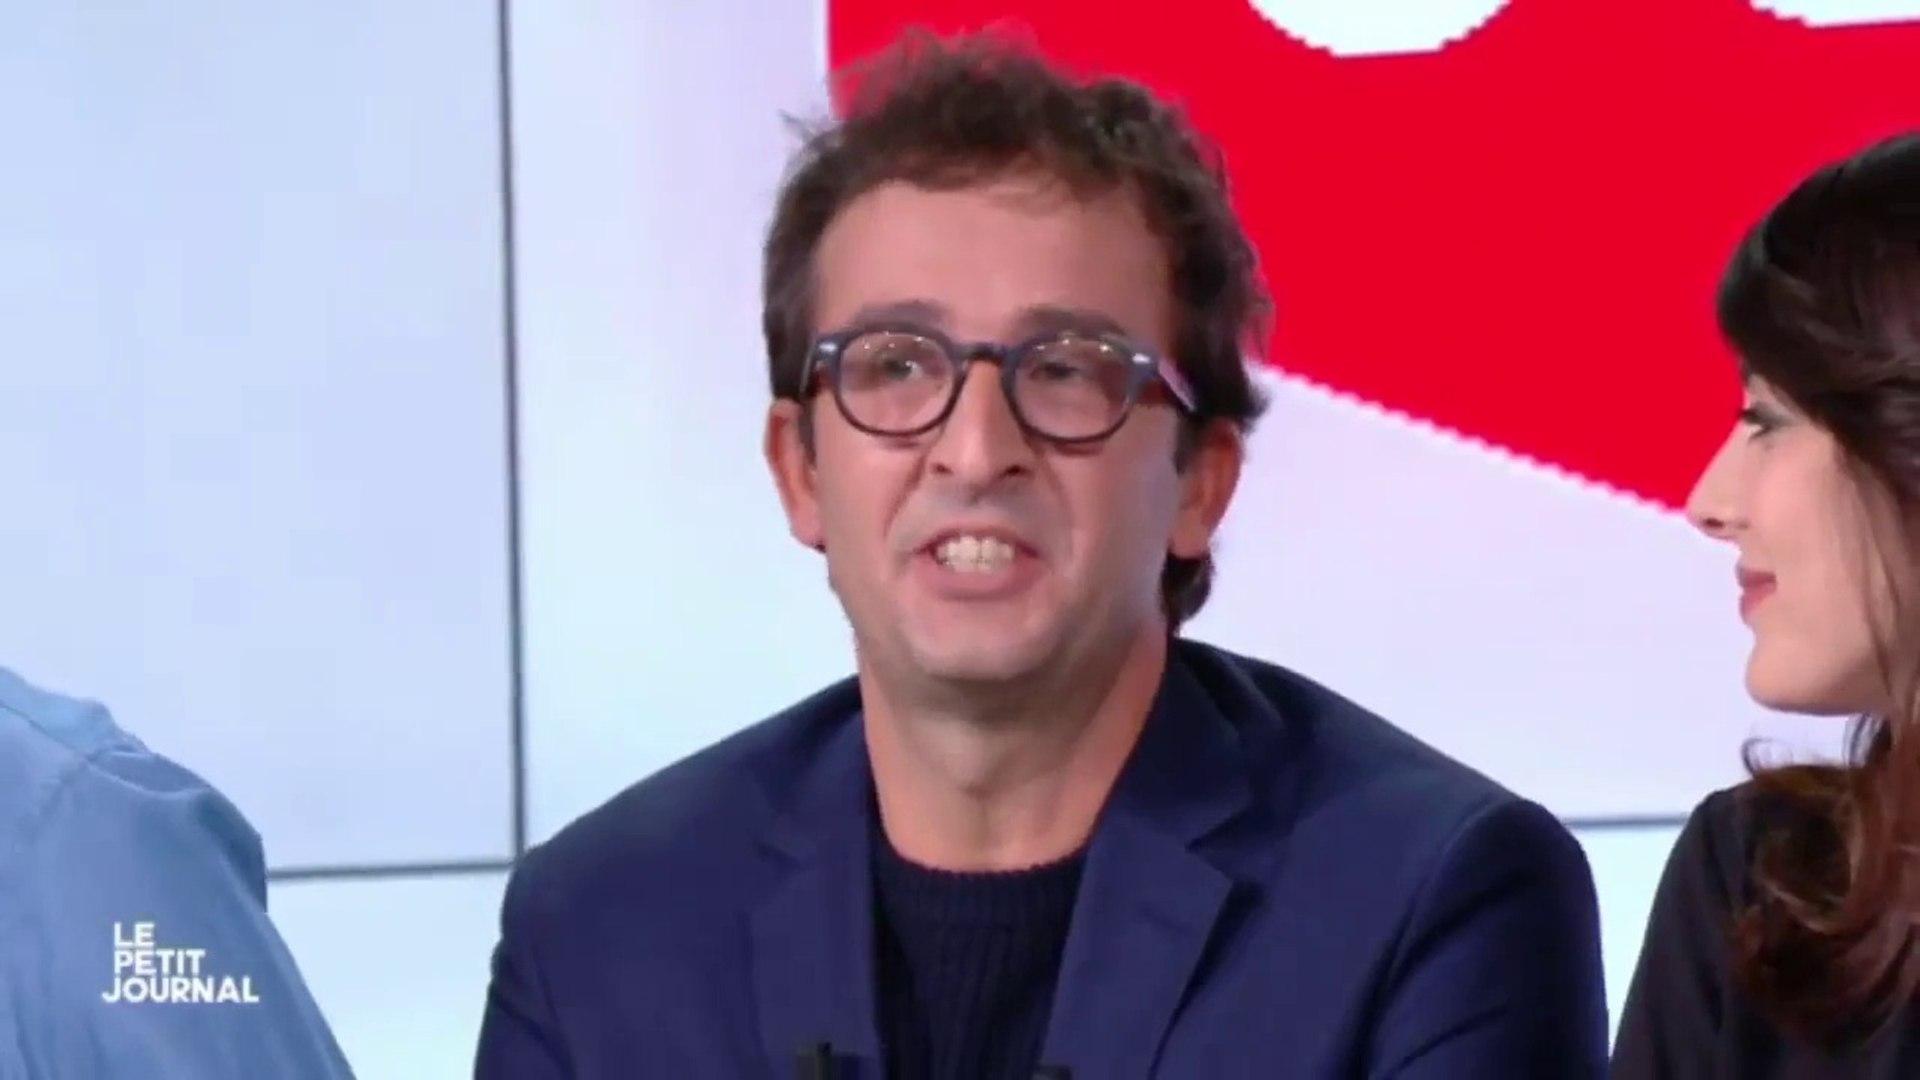 La réponse de Cyrille Eldin concernant le clash entre lui et Quotidien